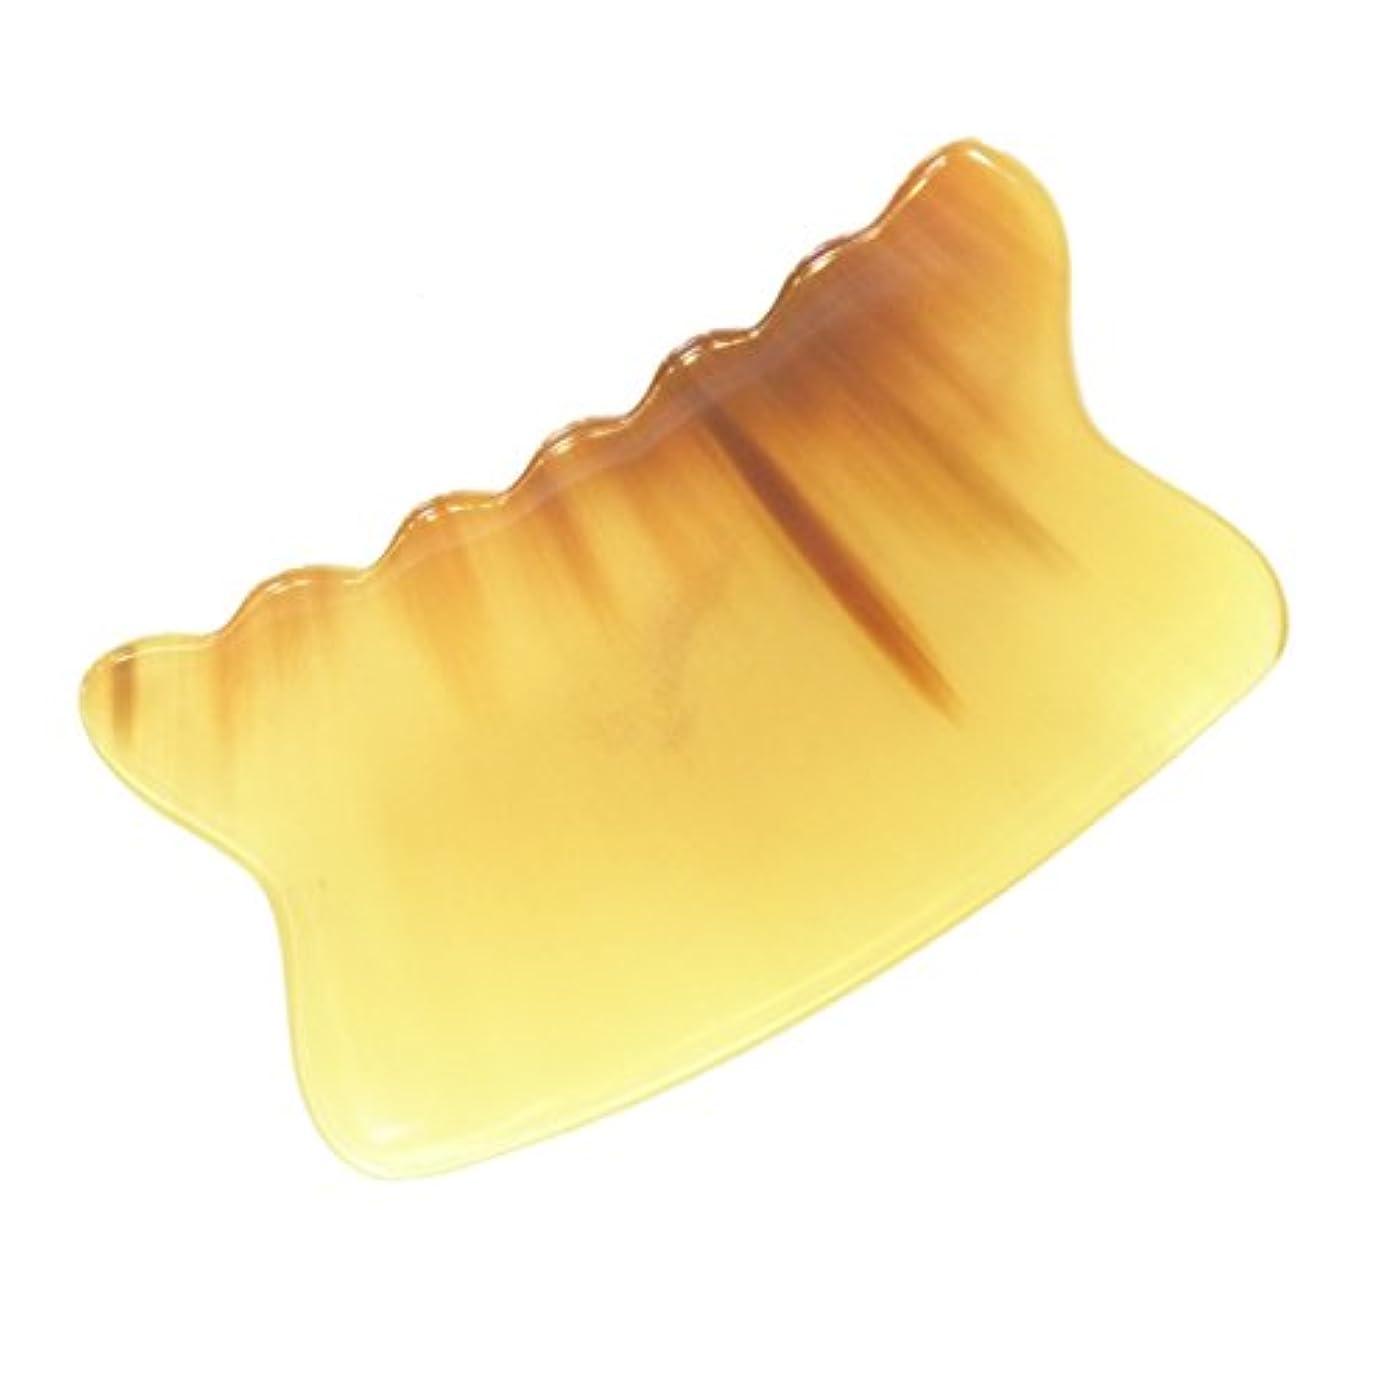 煙糞高価なかっさ プレート 厚さが選べる 水牛の角(黄水牛角) EHE226SP 曲波型 特級品 厚め(6ミリ程度)